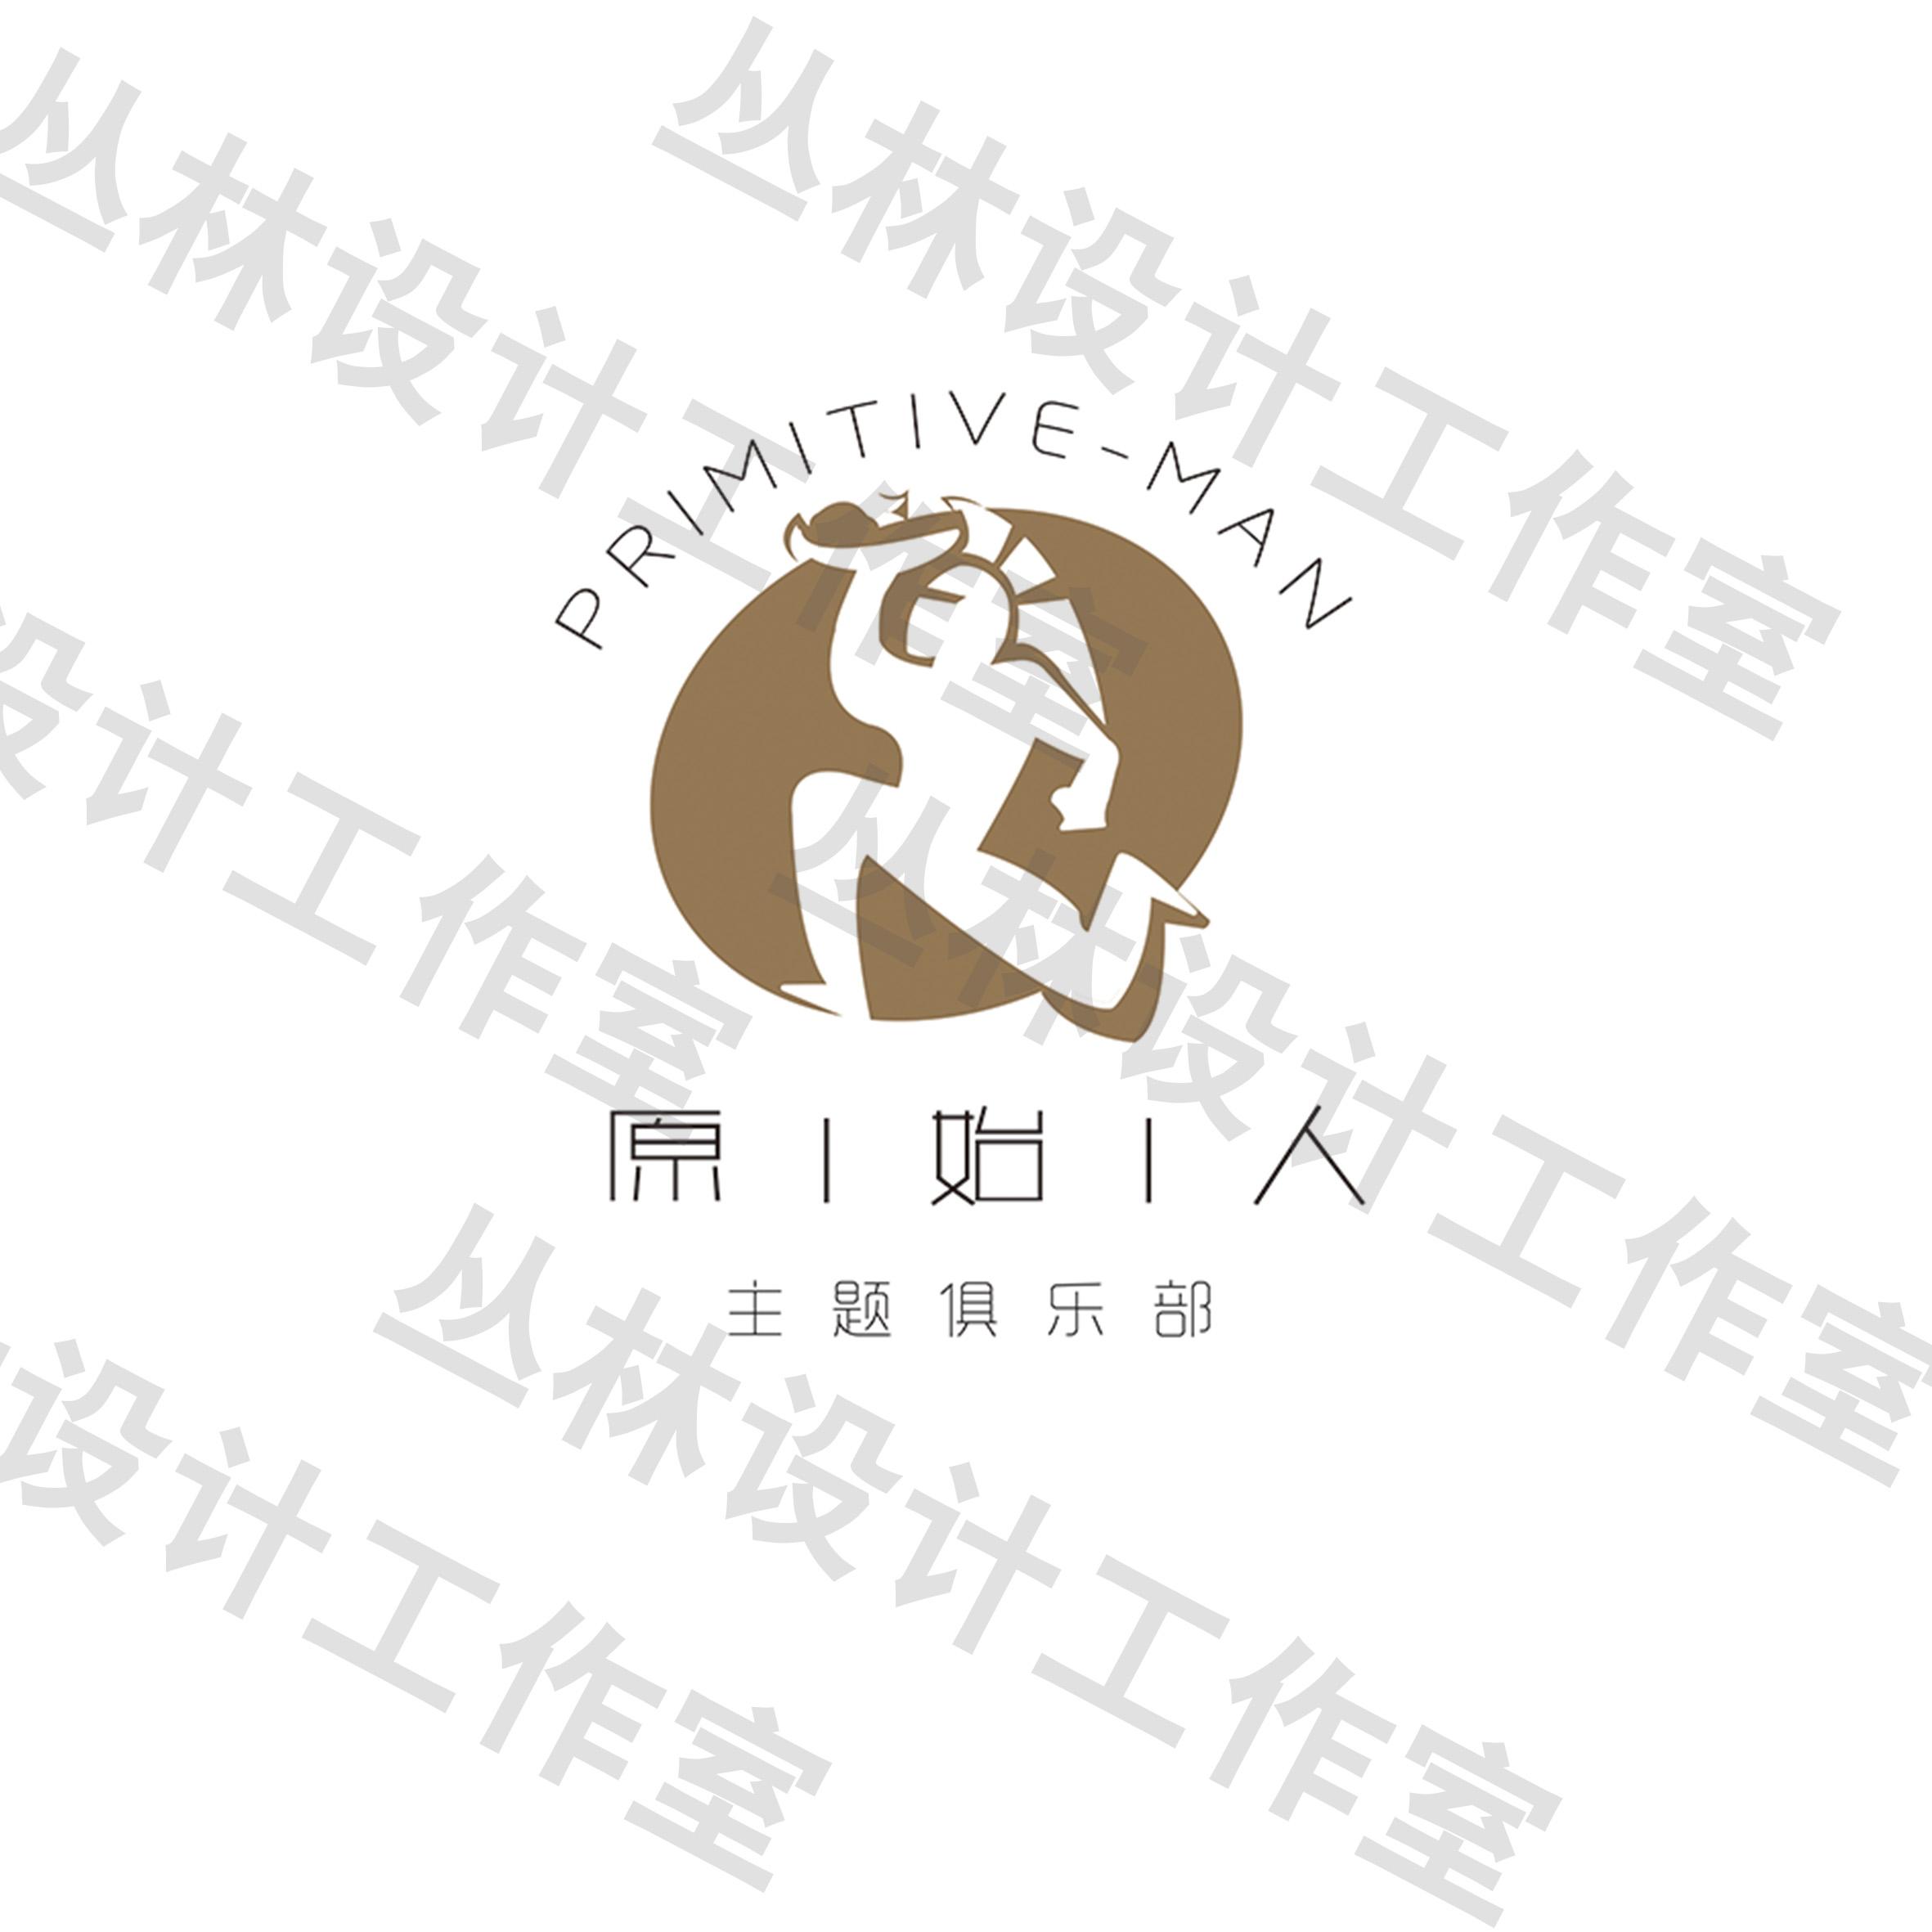 原始人俱乐部logo设计